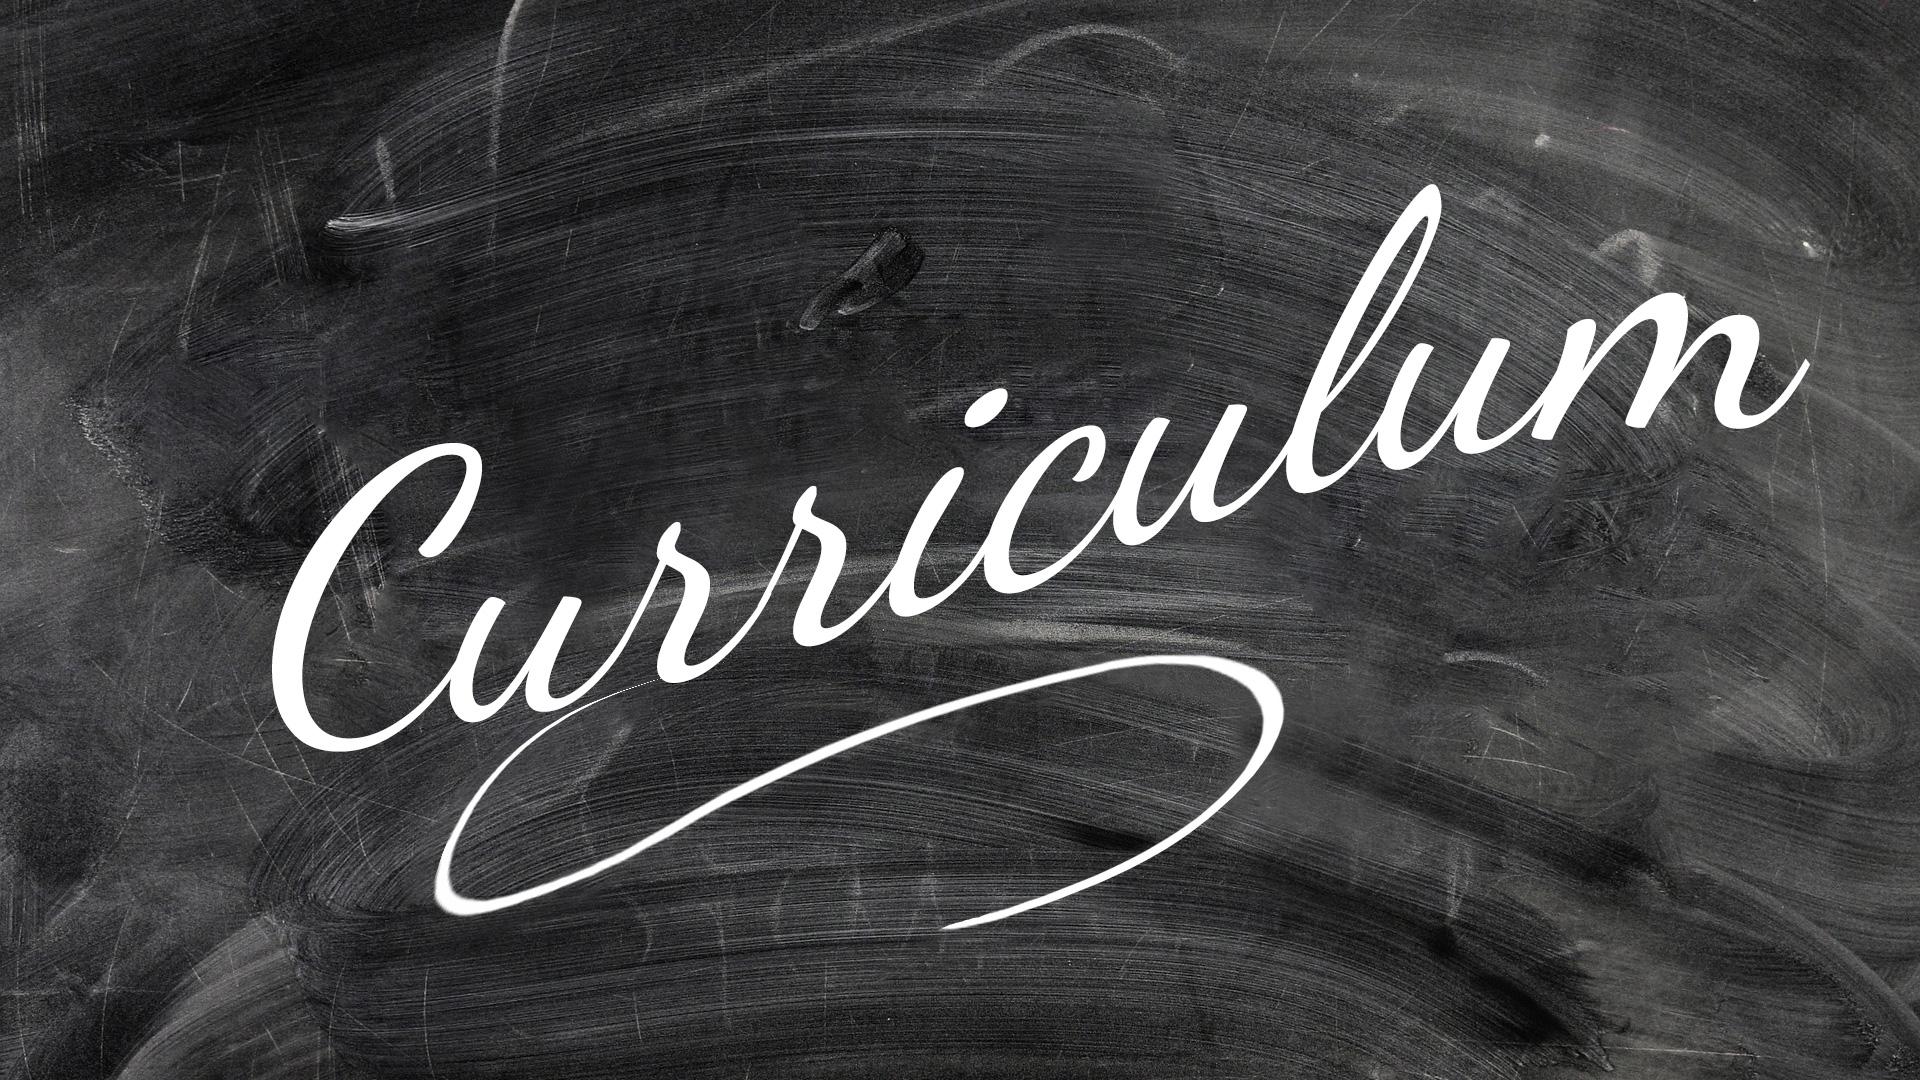 editordreams-curriculum